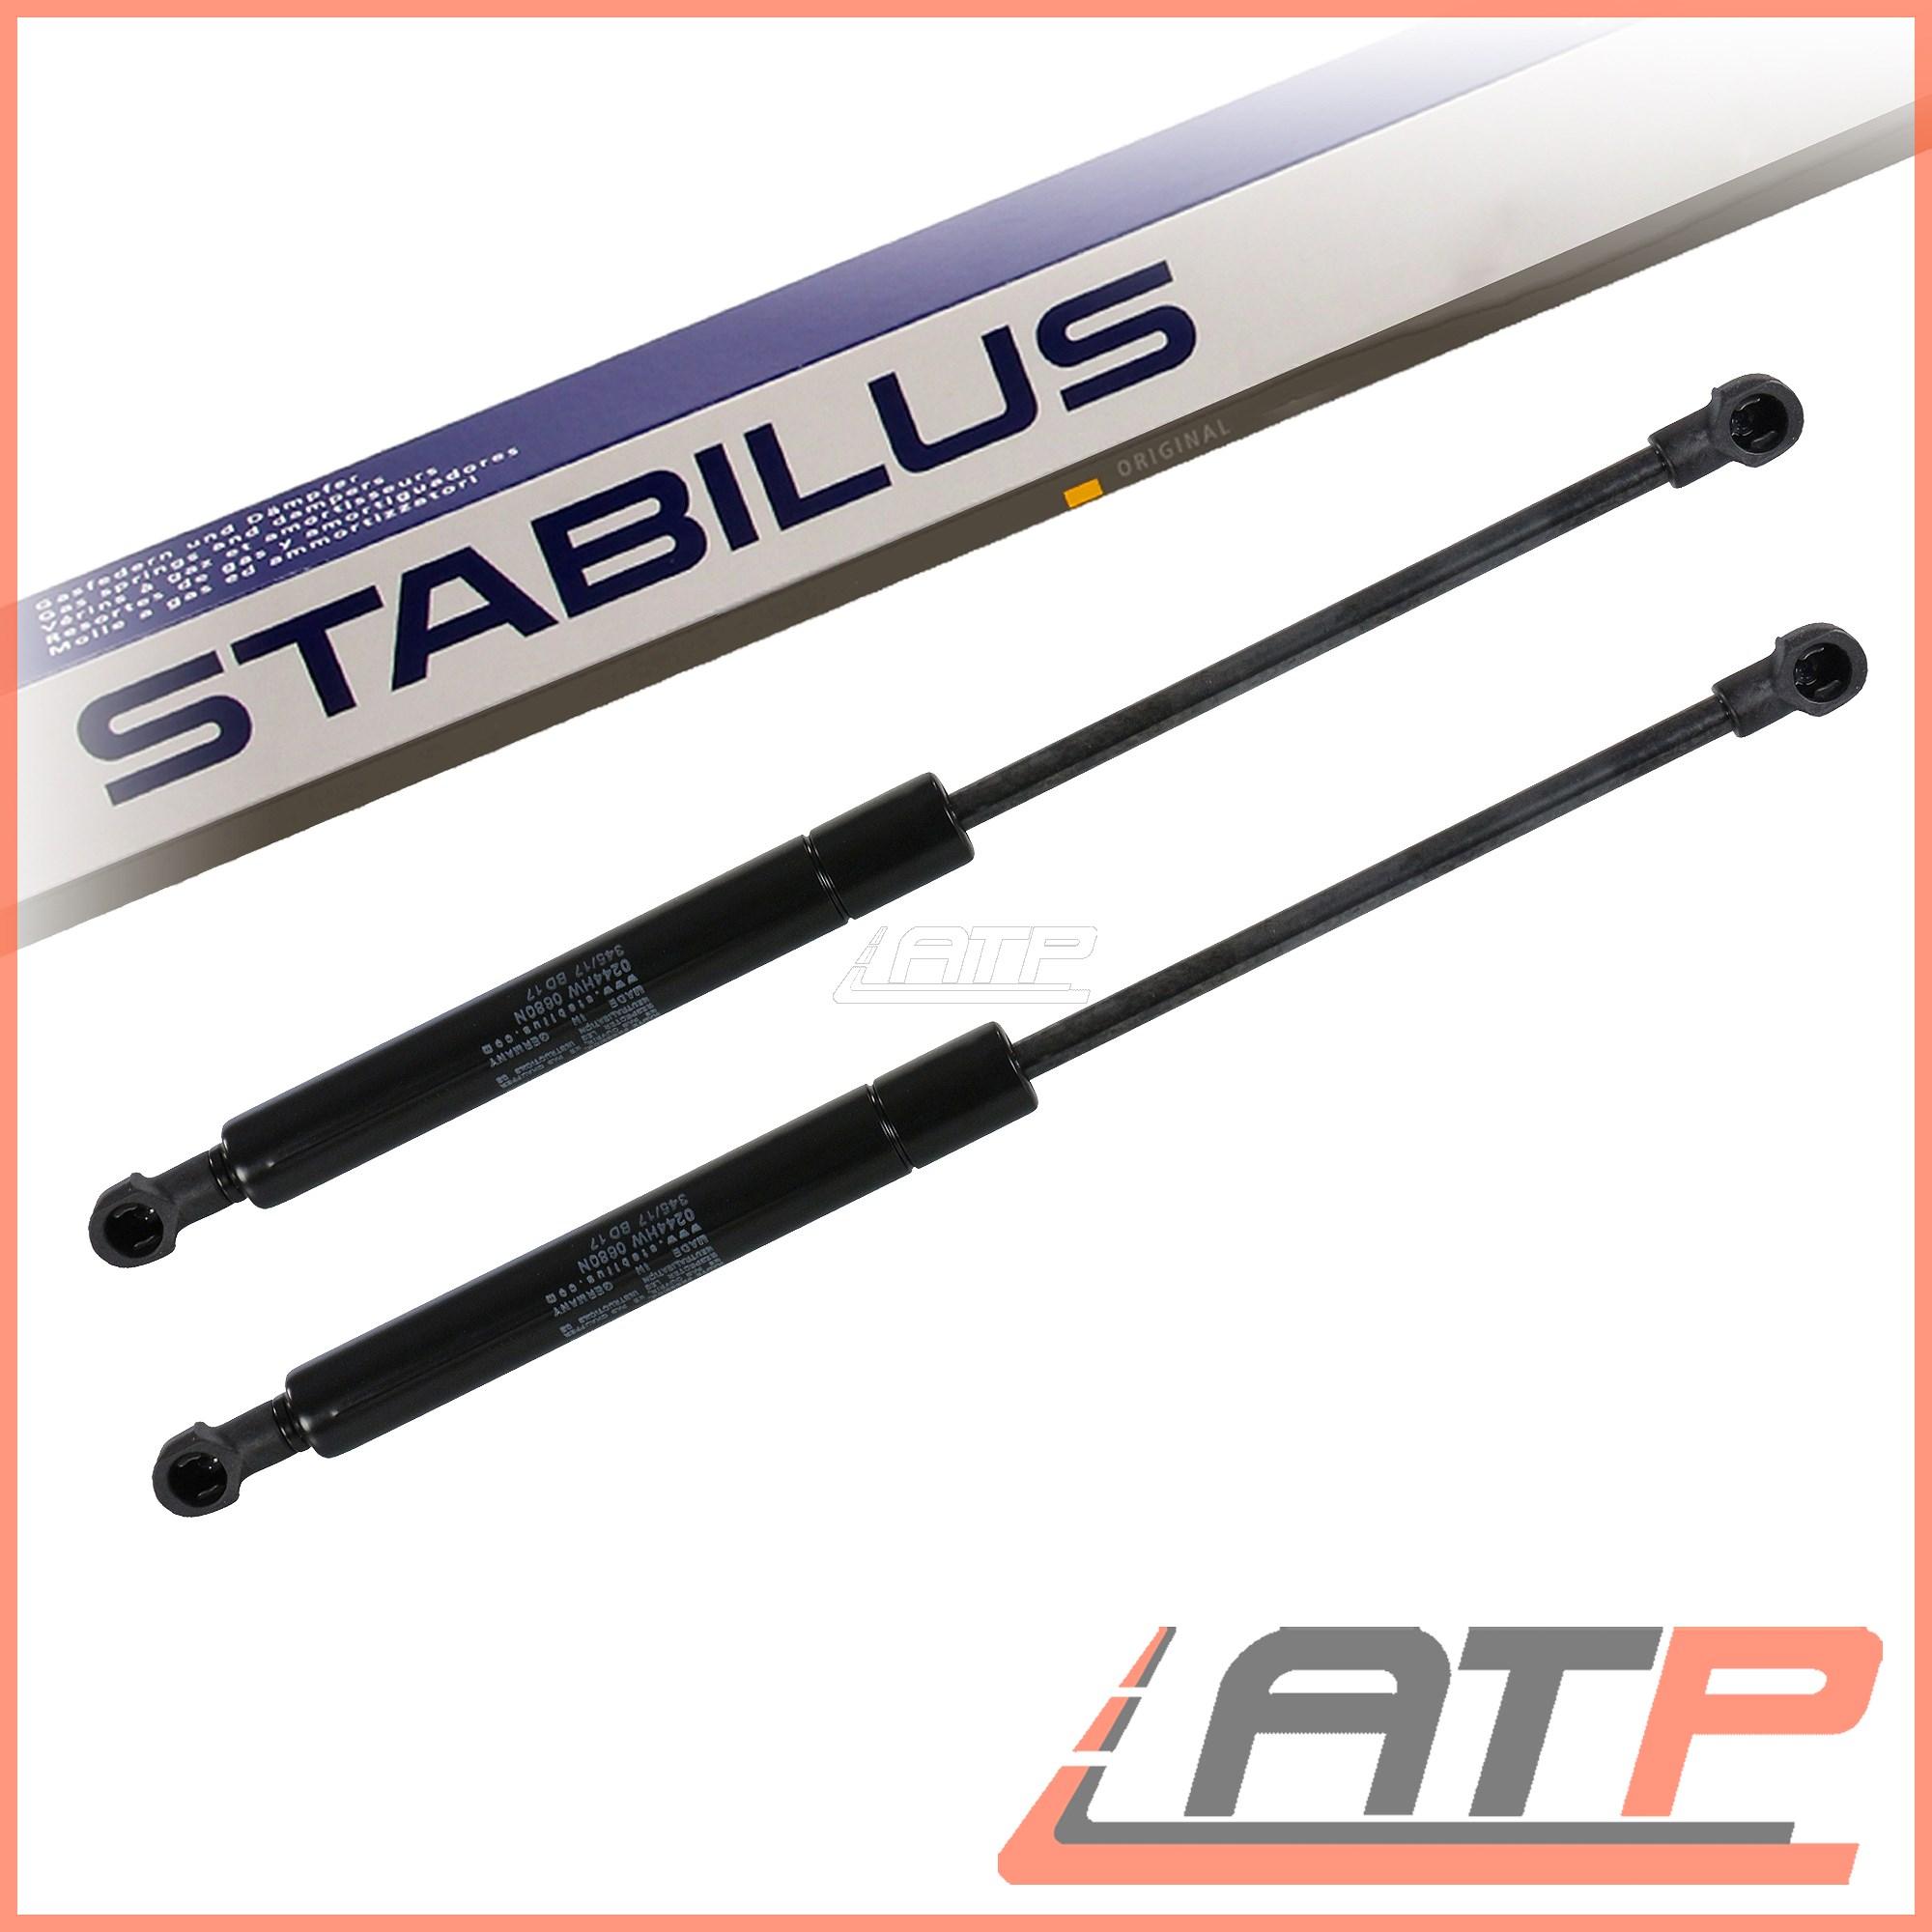 New Stabilus Hood Shock 170 880 02 29